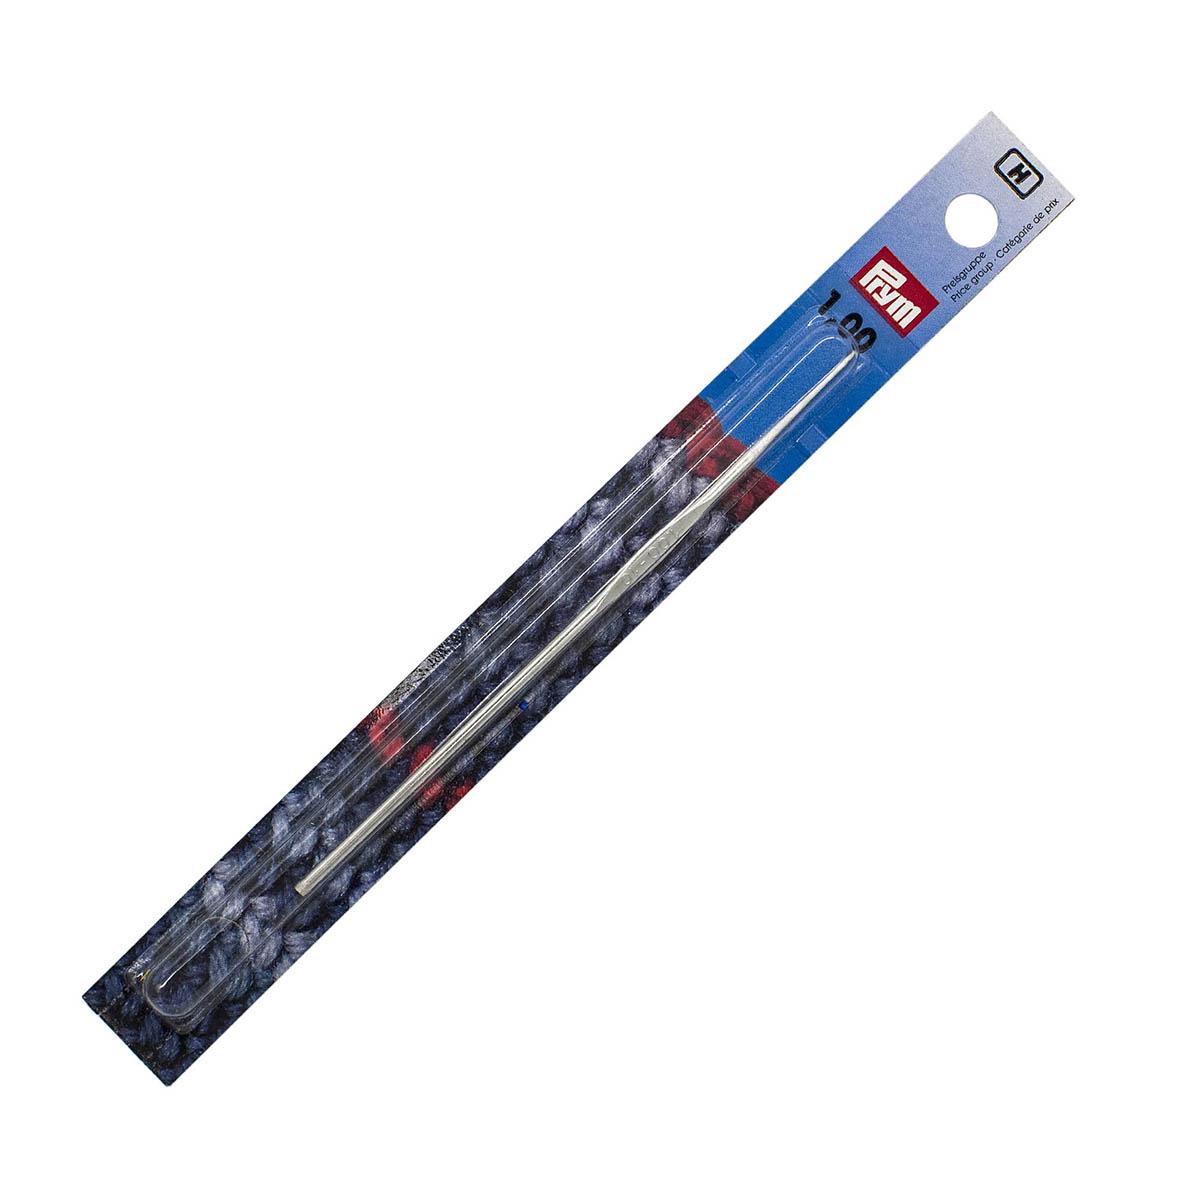 175847 Крючок IMRA для тонкой пряжи без ручки, сталь, с направляющей площадью 1,0мм Prym